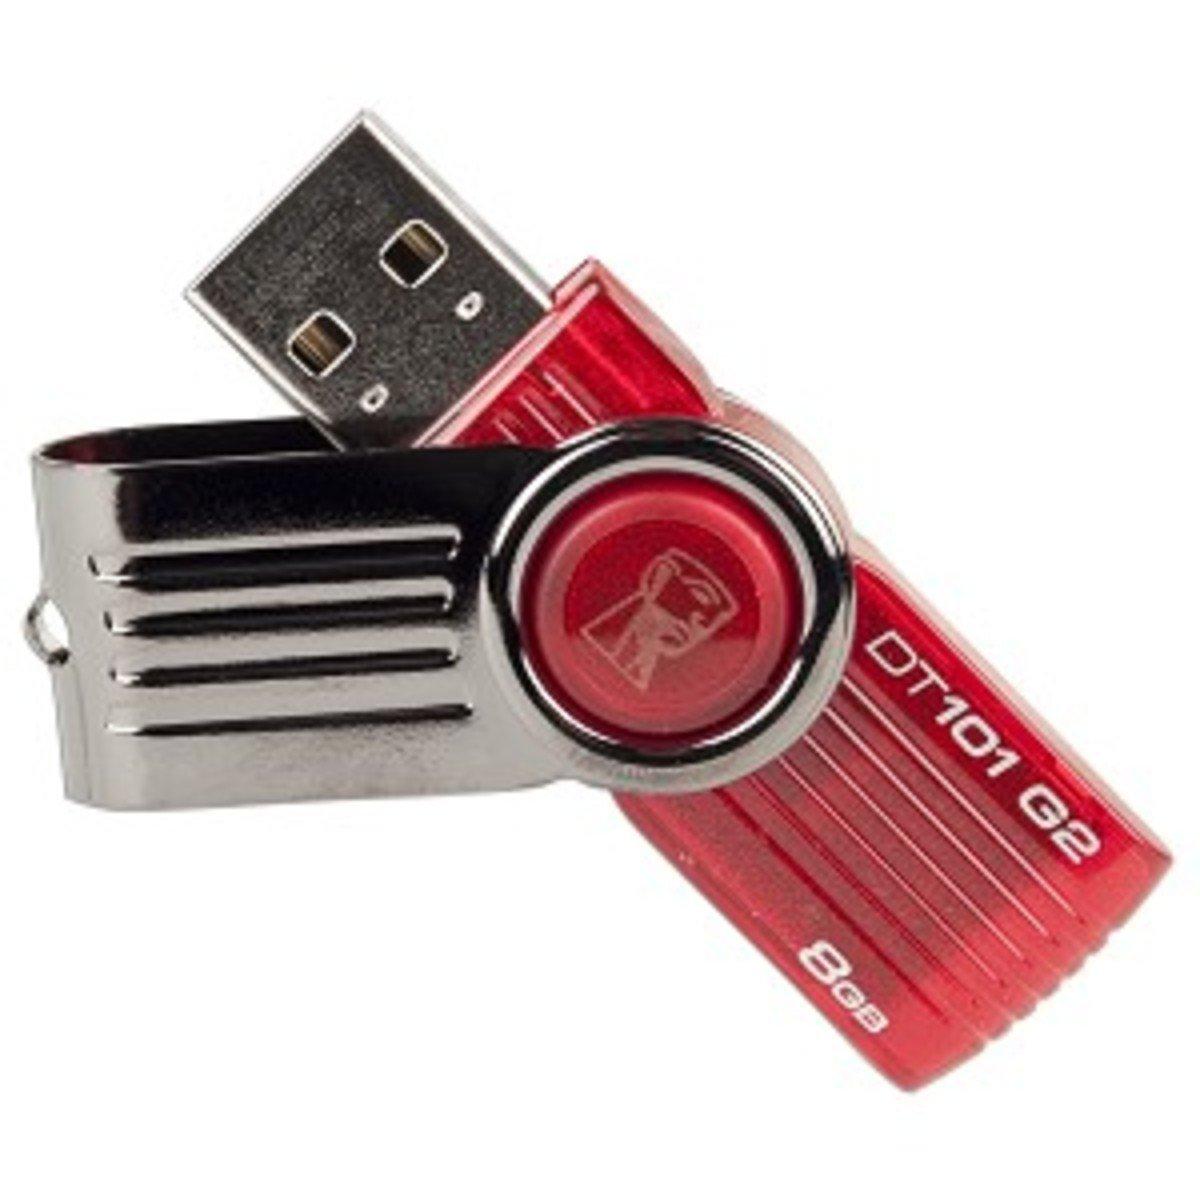 DataTraveler 101 G2 USB2.0 - 8GB